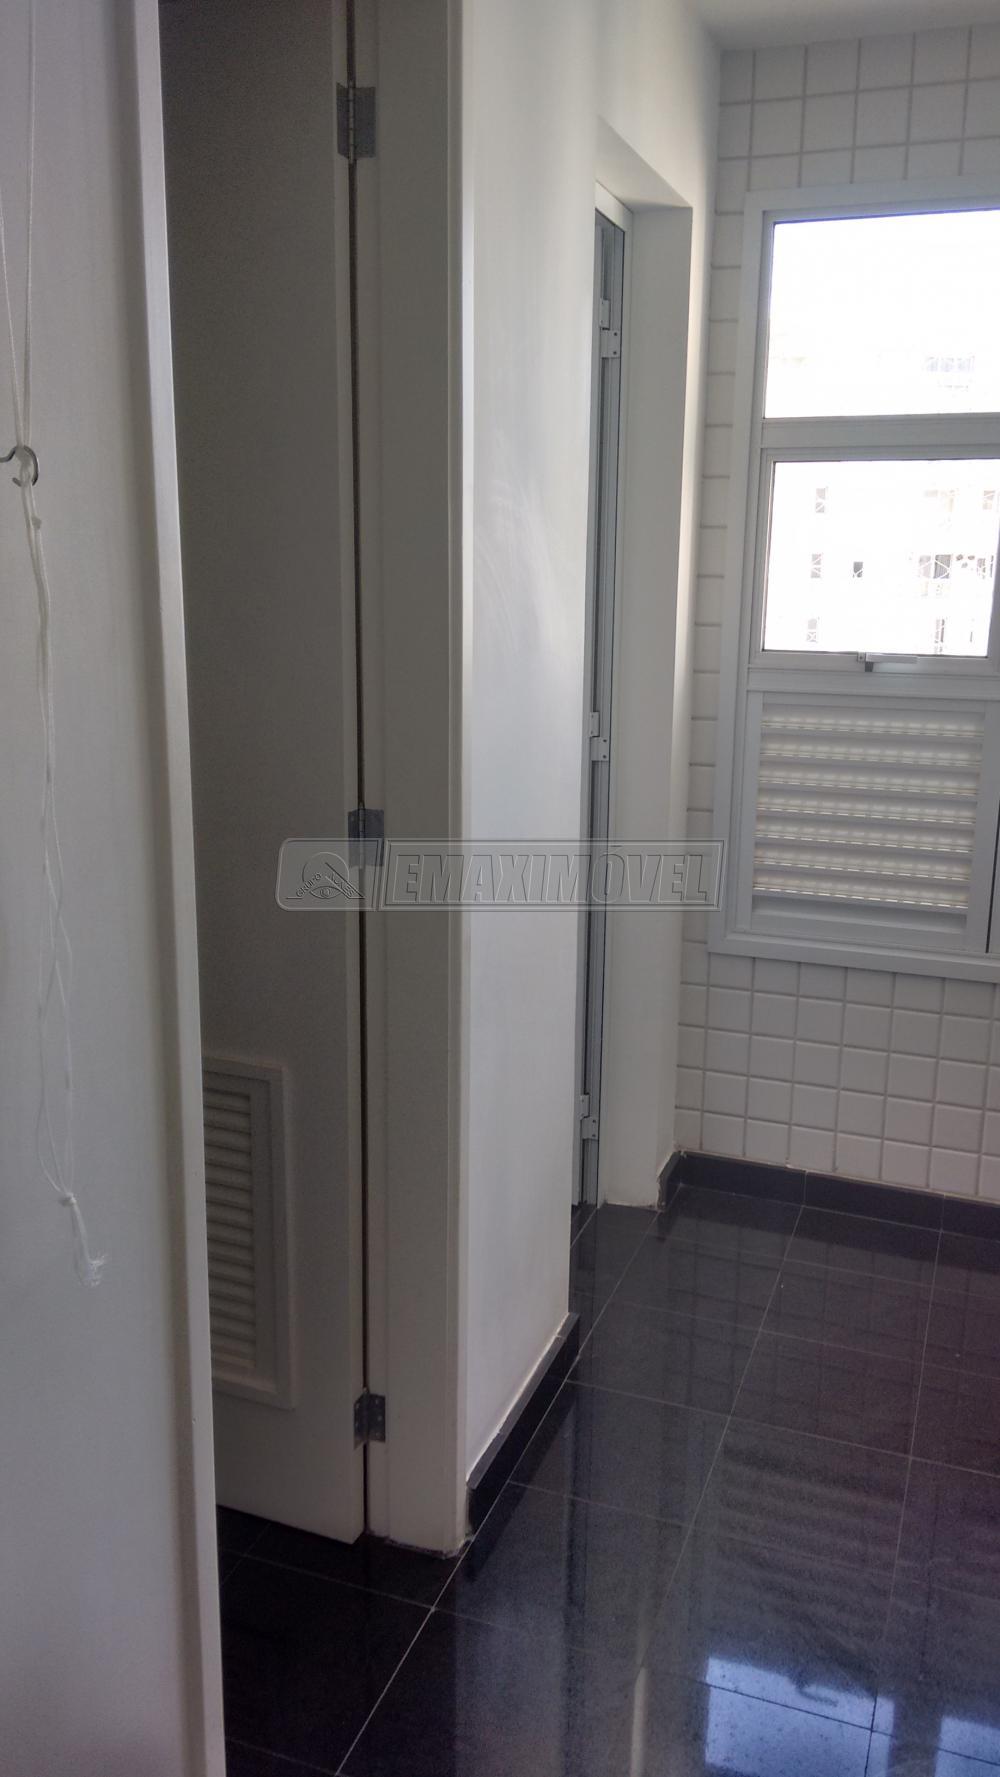 Comprar Apartamentos / Apto Padrão em Sorocaba apenas R$ 1.400.000,00 - Foto 36